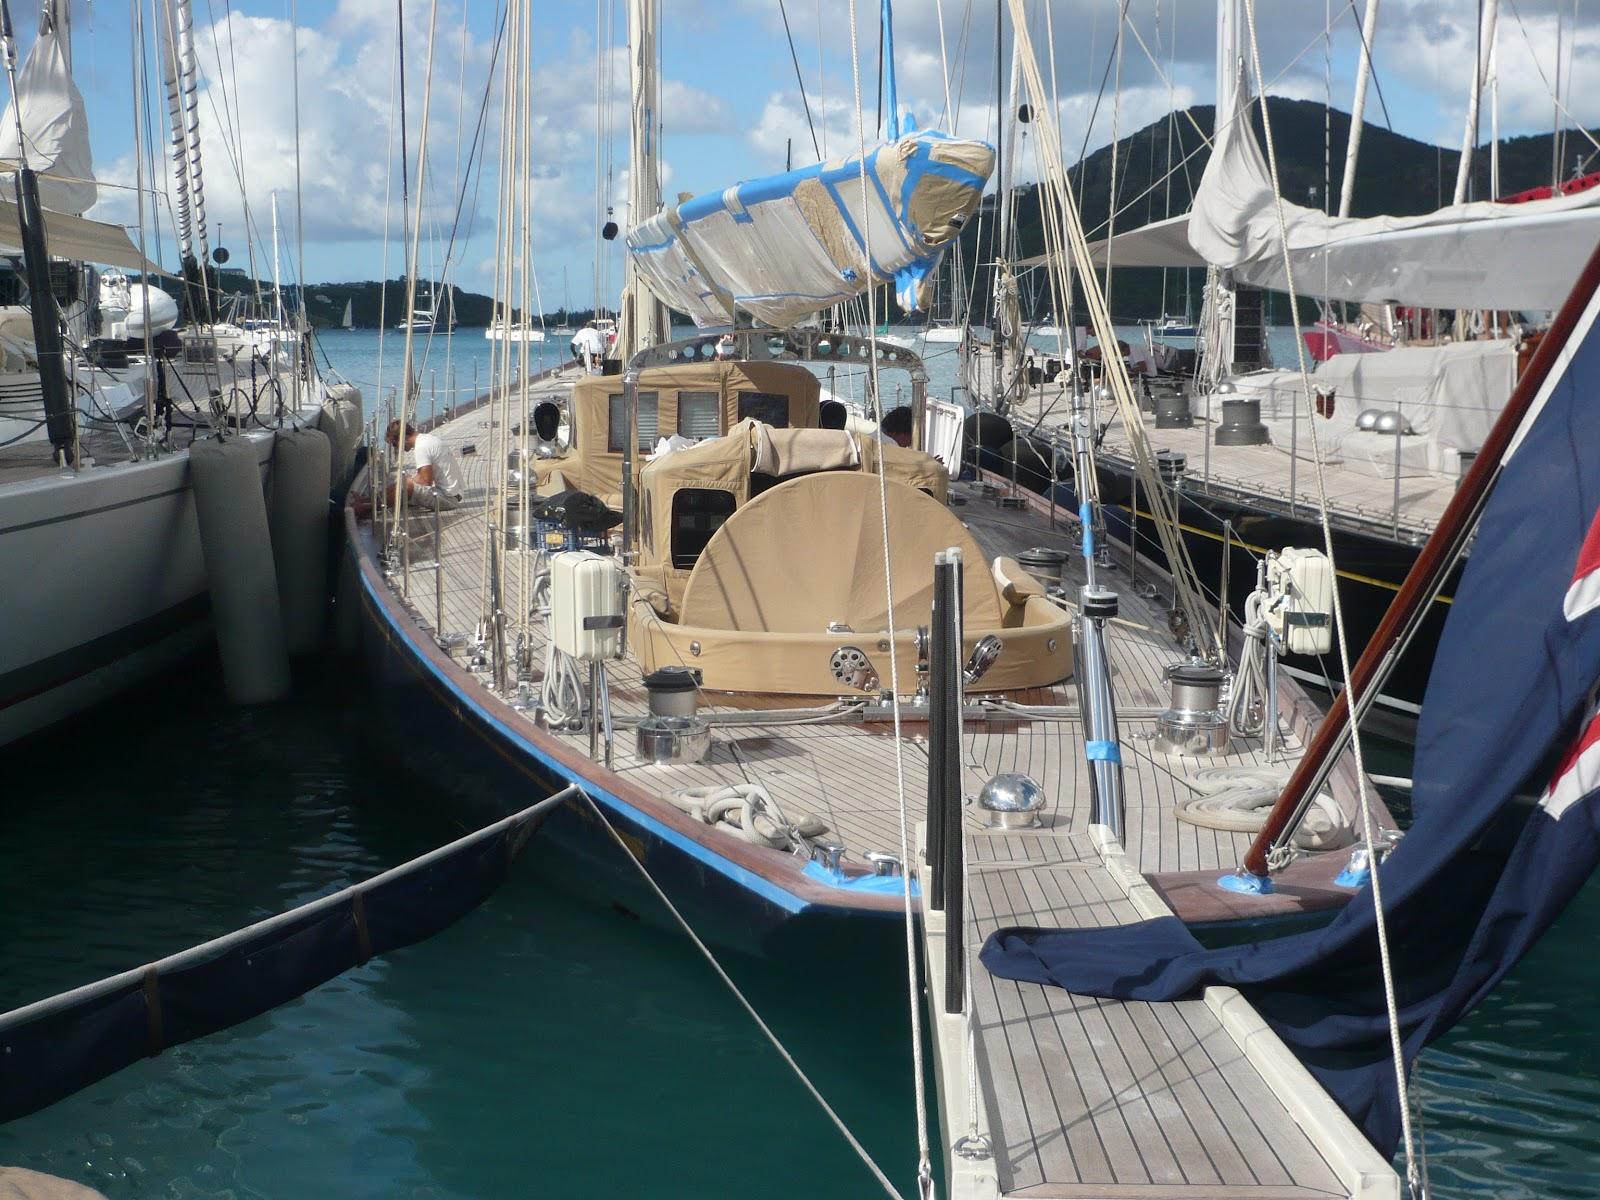 Valsheda, a completely restored original J-Boat